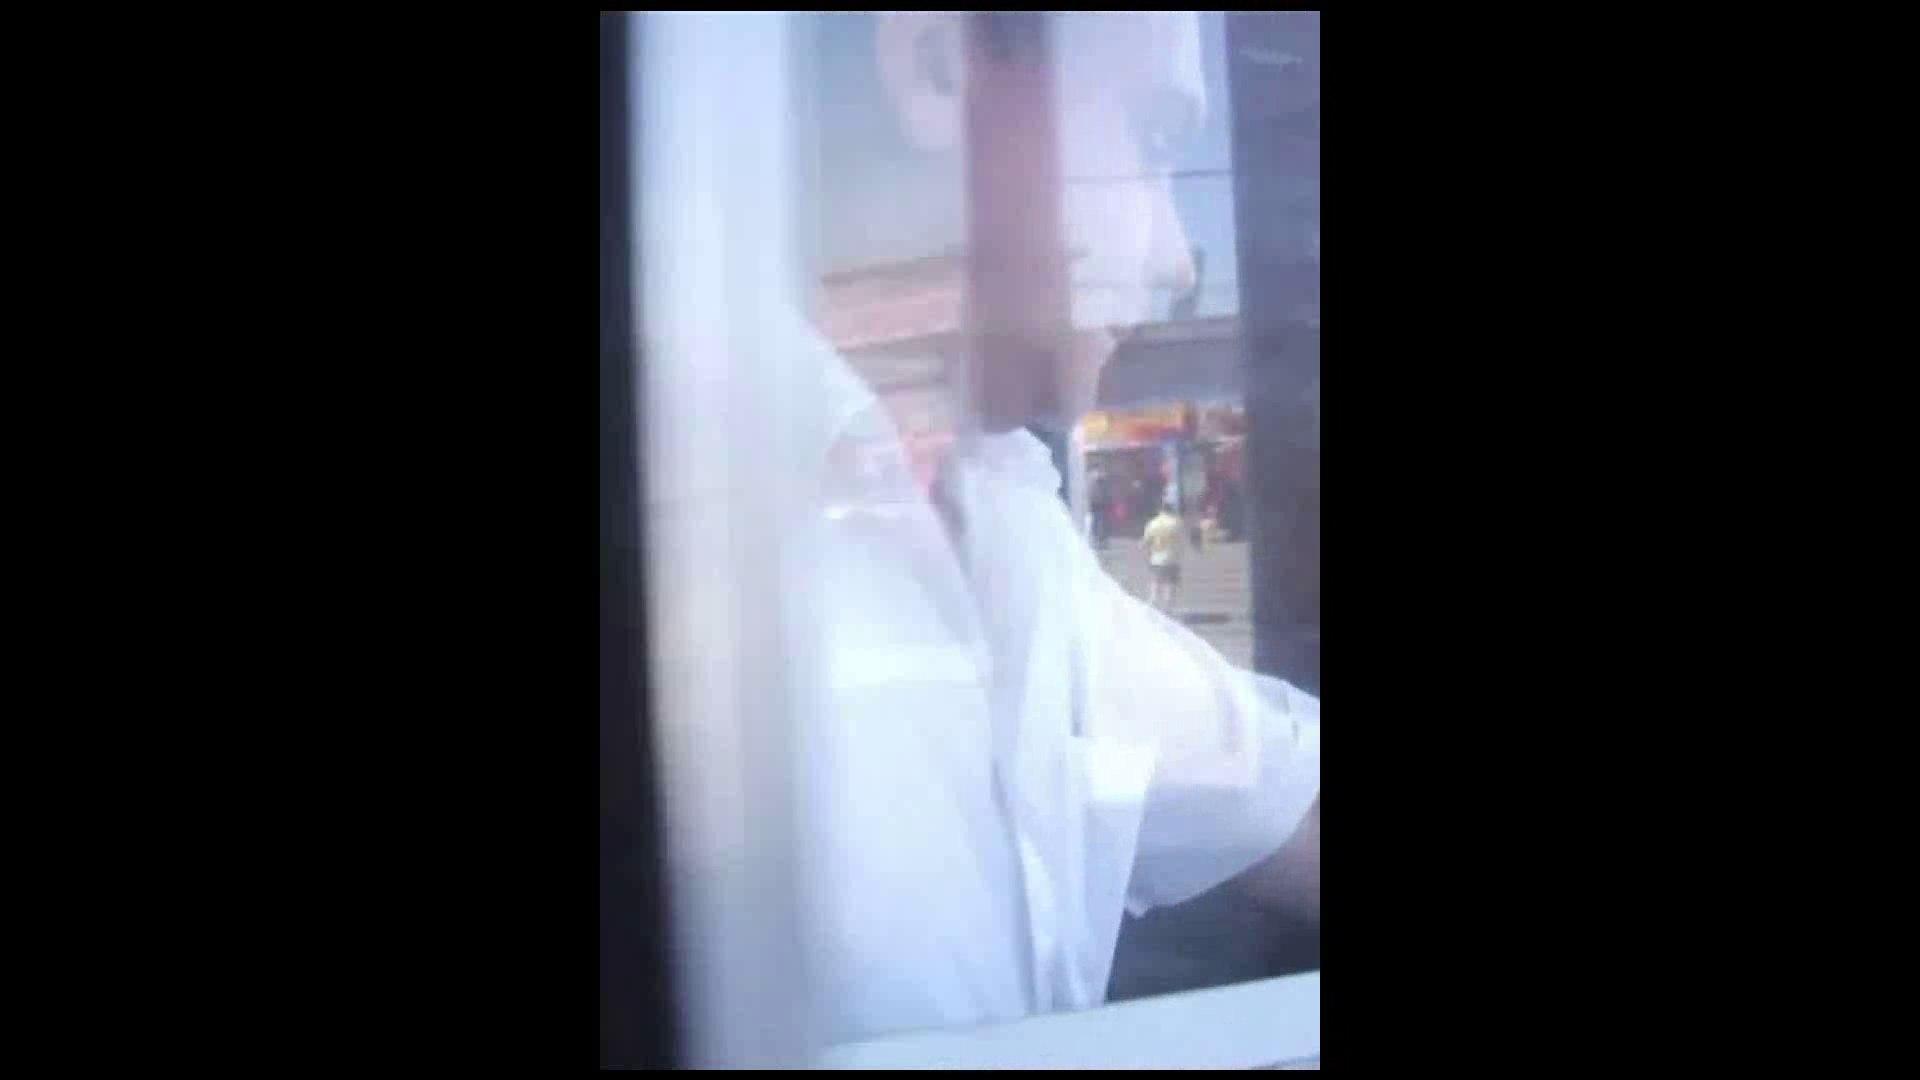 綺麗なモデルさんのスカート捲っちゃおう‼vol03 お姉さんのエロ生活 | モデルのエロ生活  98連発 82